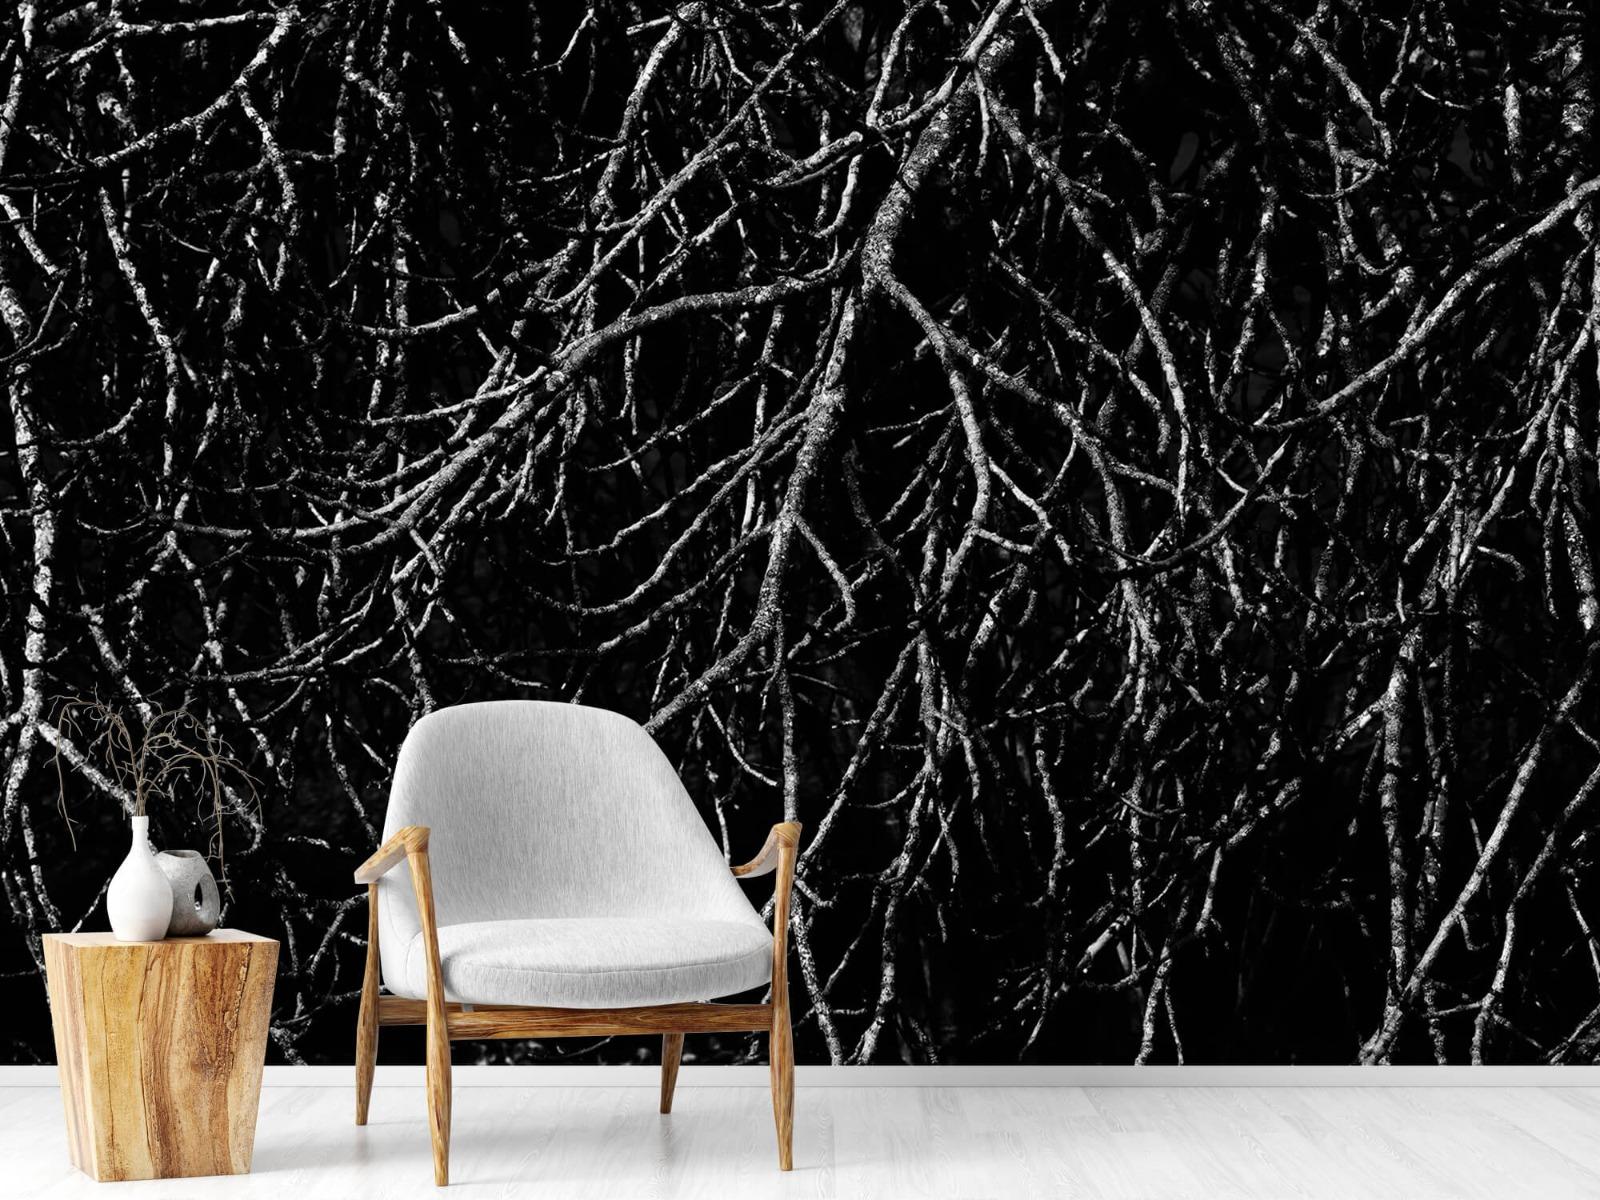 Zwart Wit behang - Boomtakken in zwart wit - Magazijn 19